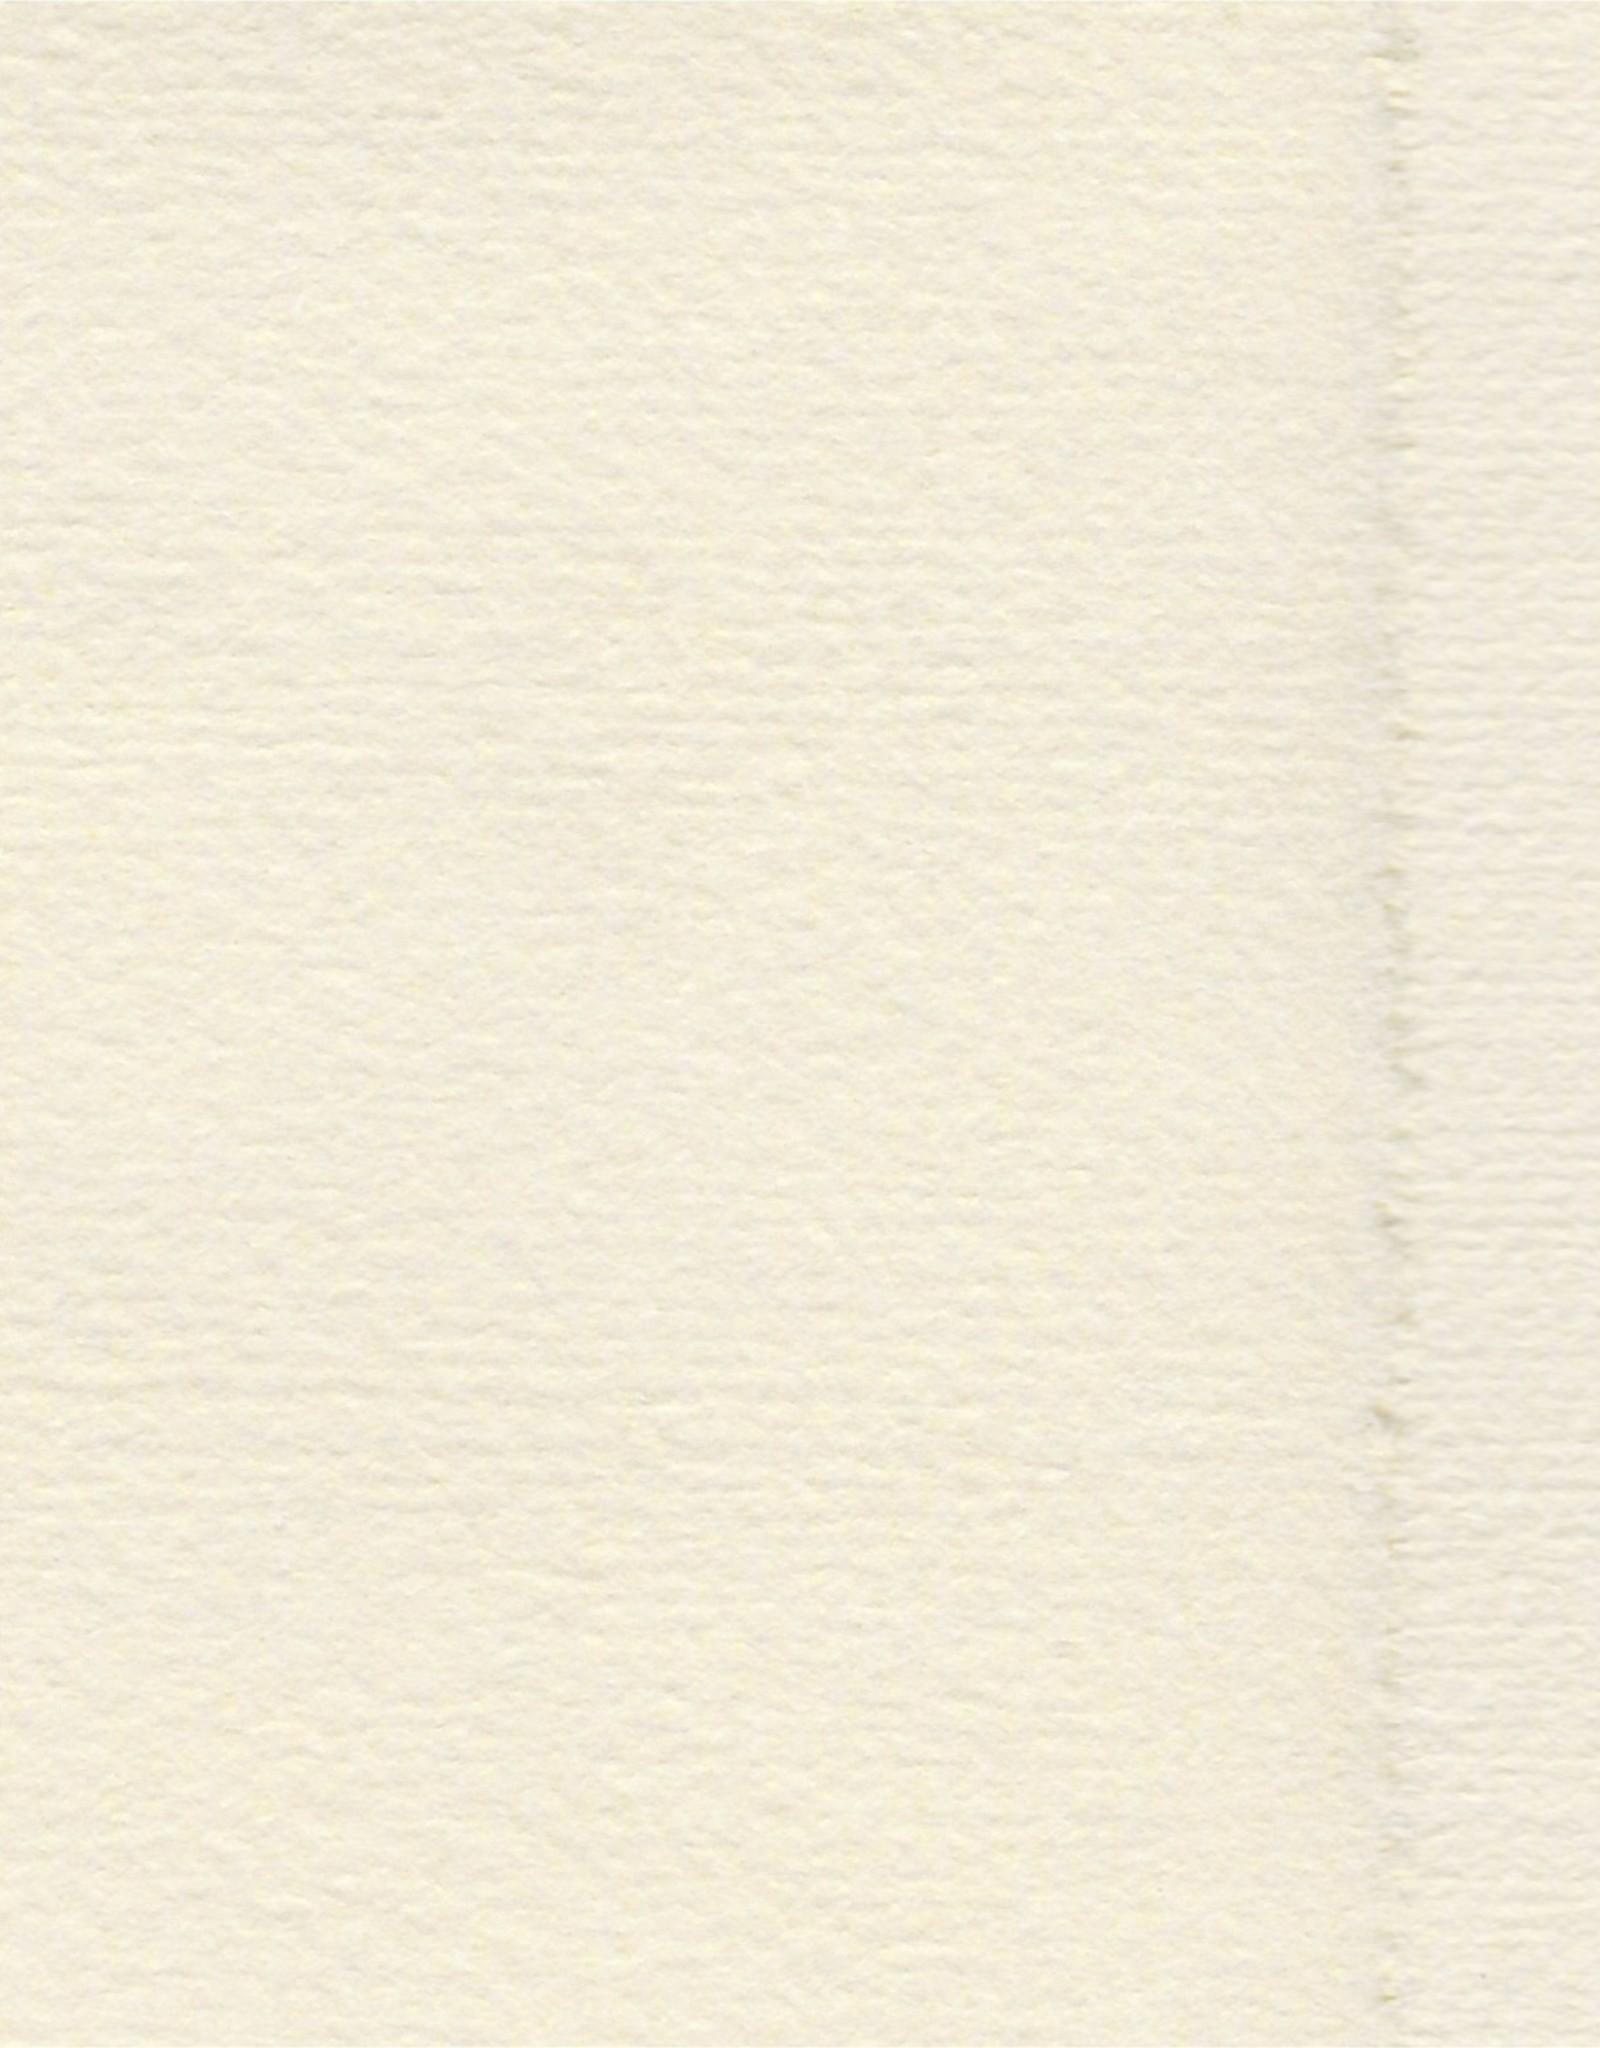 """Hahnemuhle Ingres Antique, #102 Cream, 18.75"""" x 24.75"""", 100gsm"""